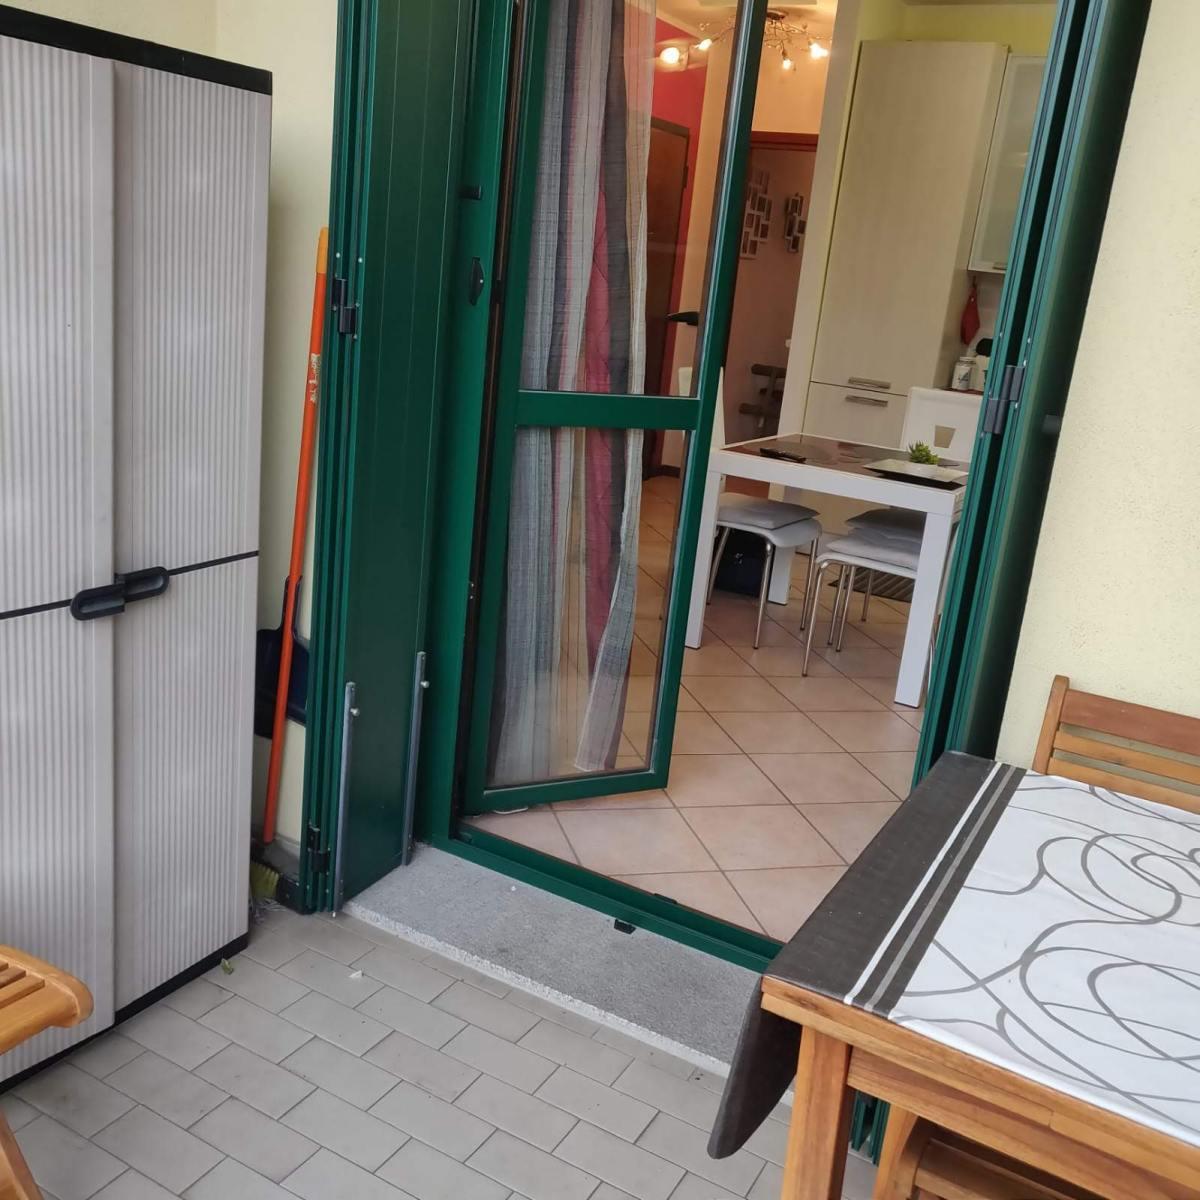 appartamento-in-vendita-milano-muggiano-3-locali-trilocale-spaziourbano-immobiliare-vende-15